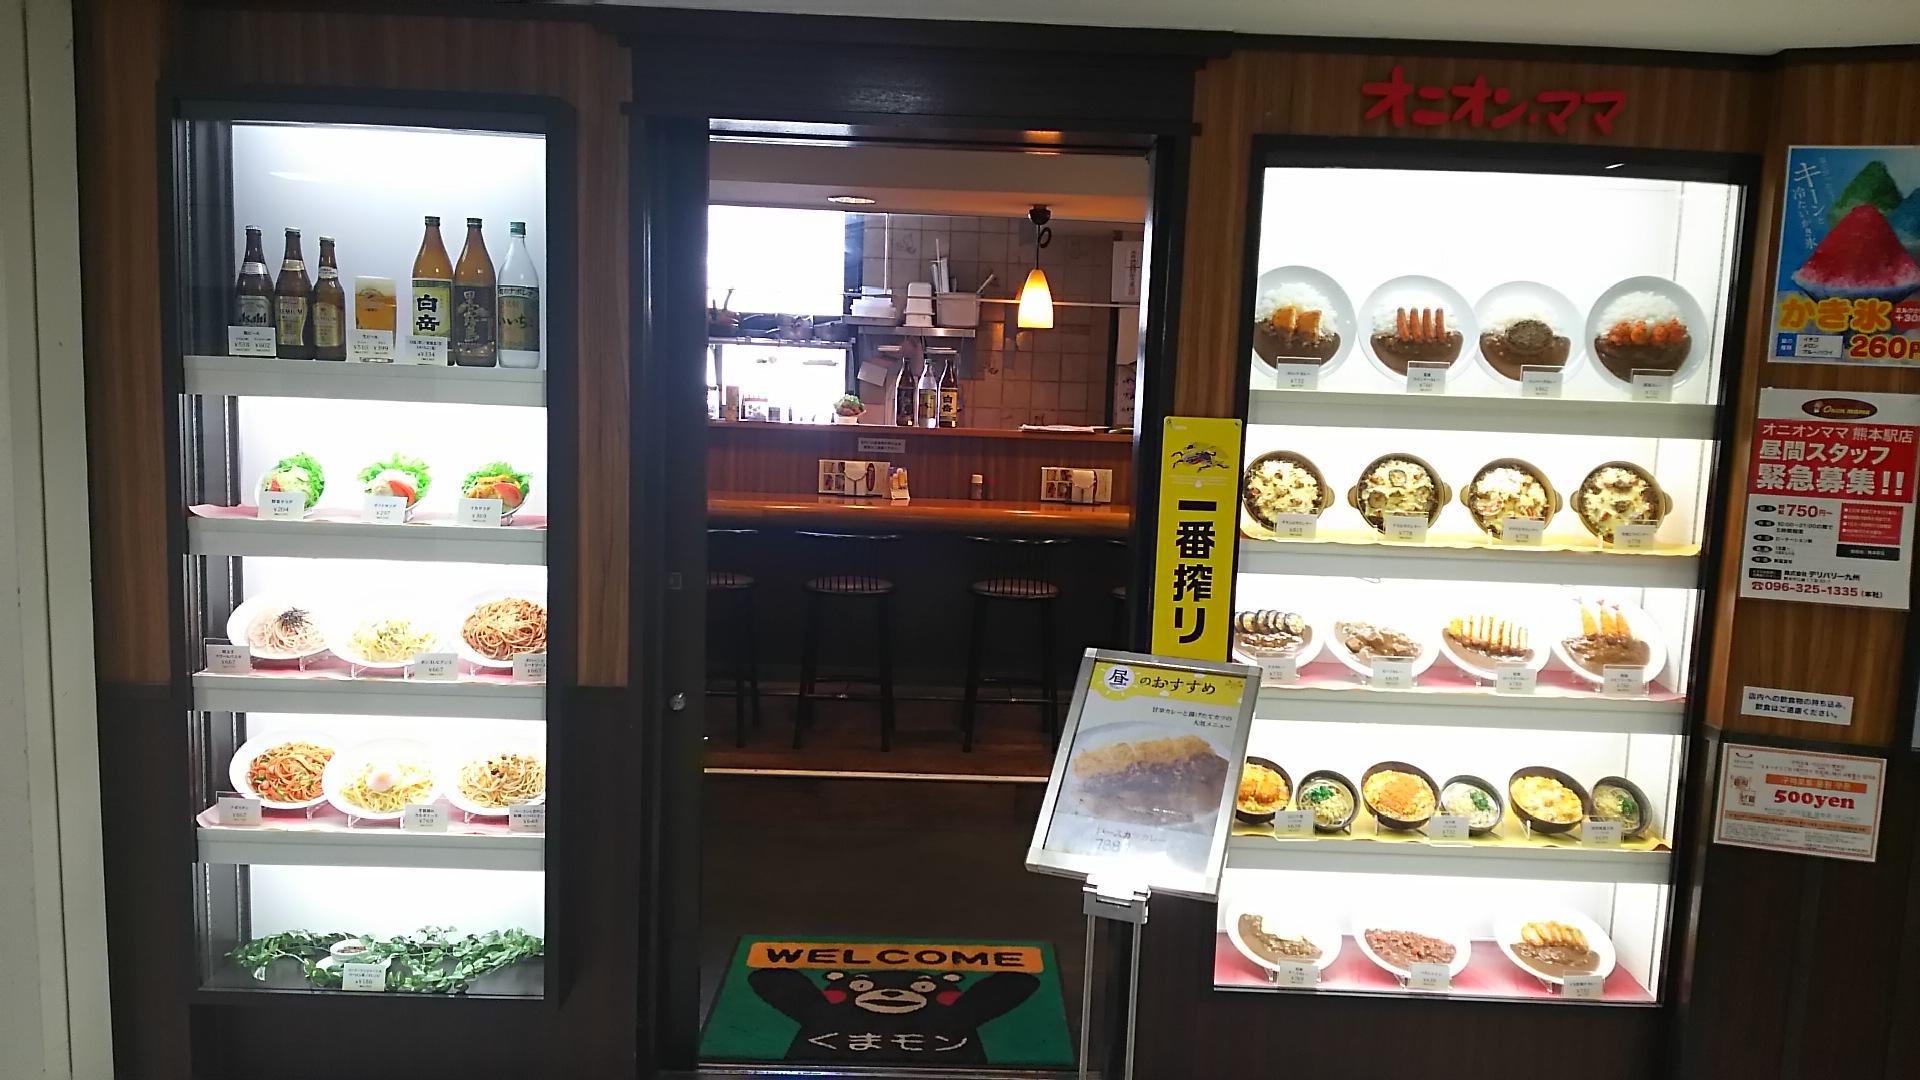 オニオン・ママ 熊本駅店